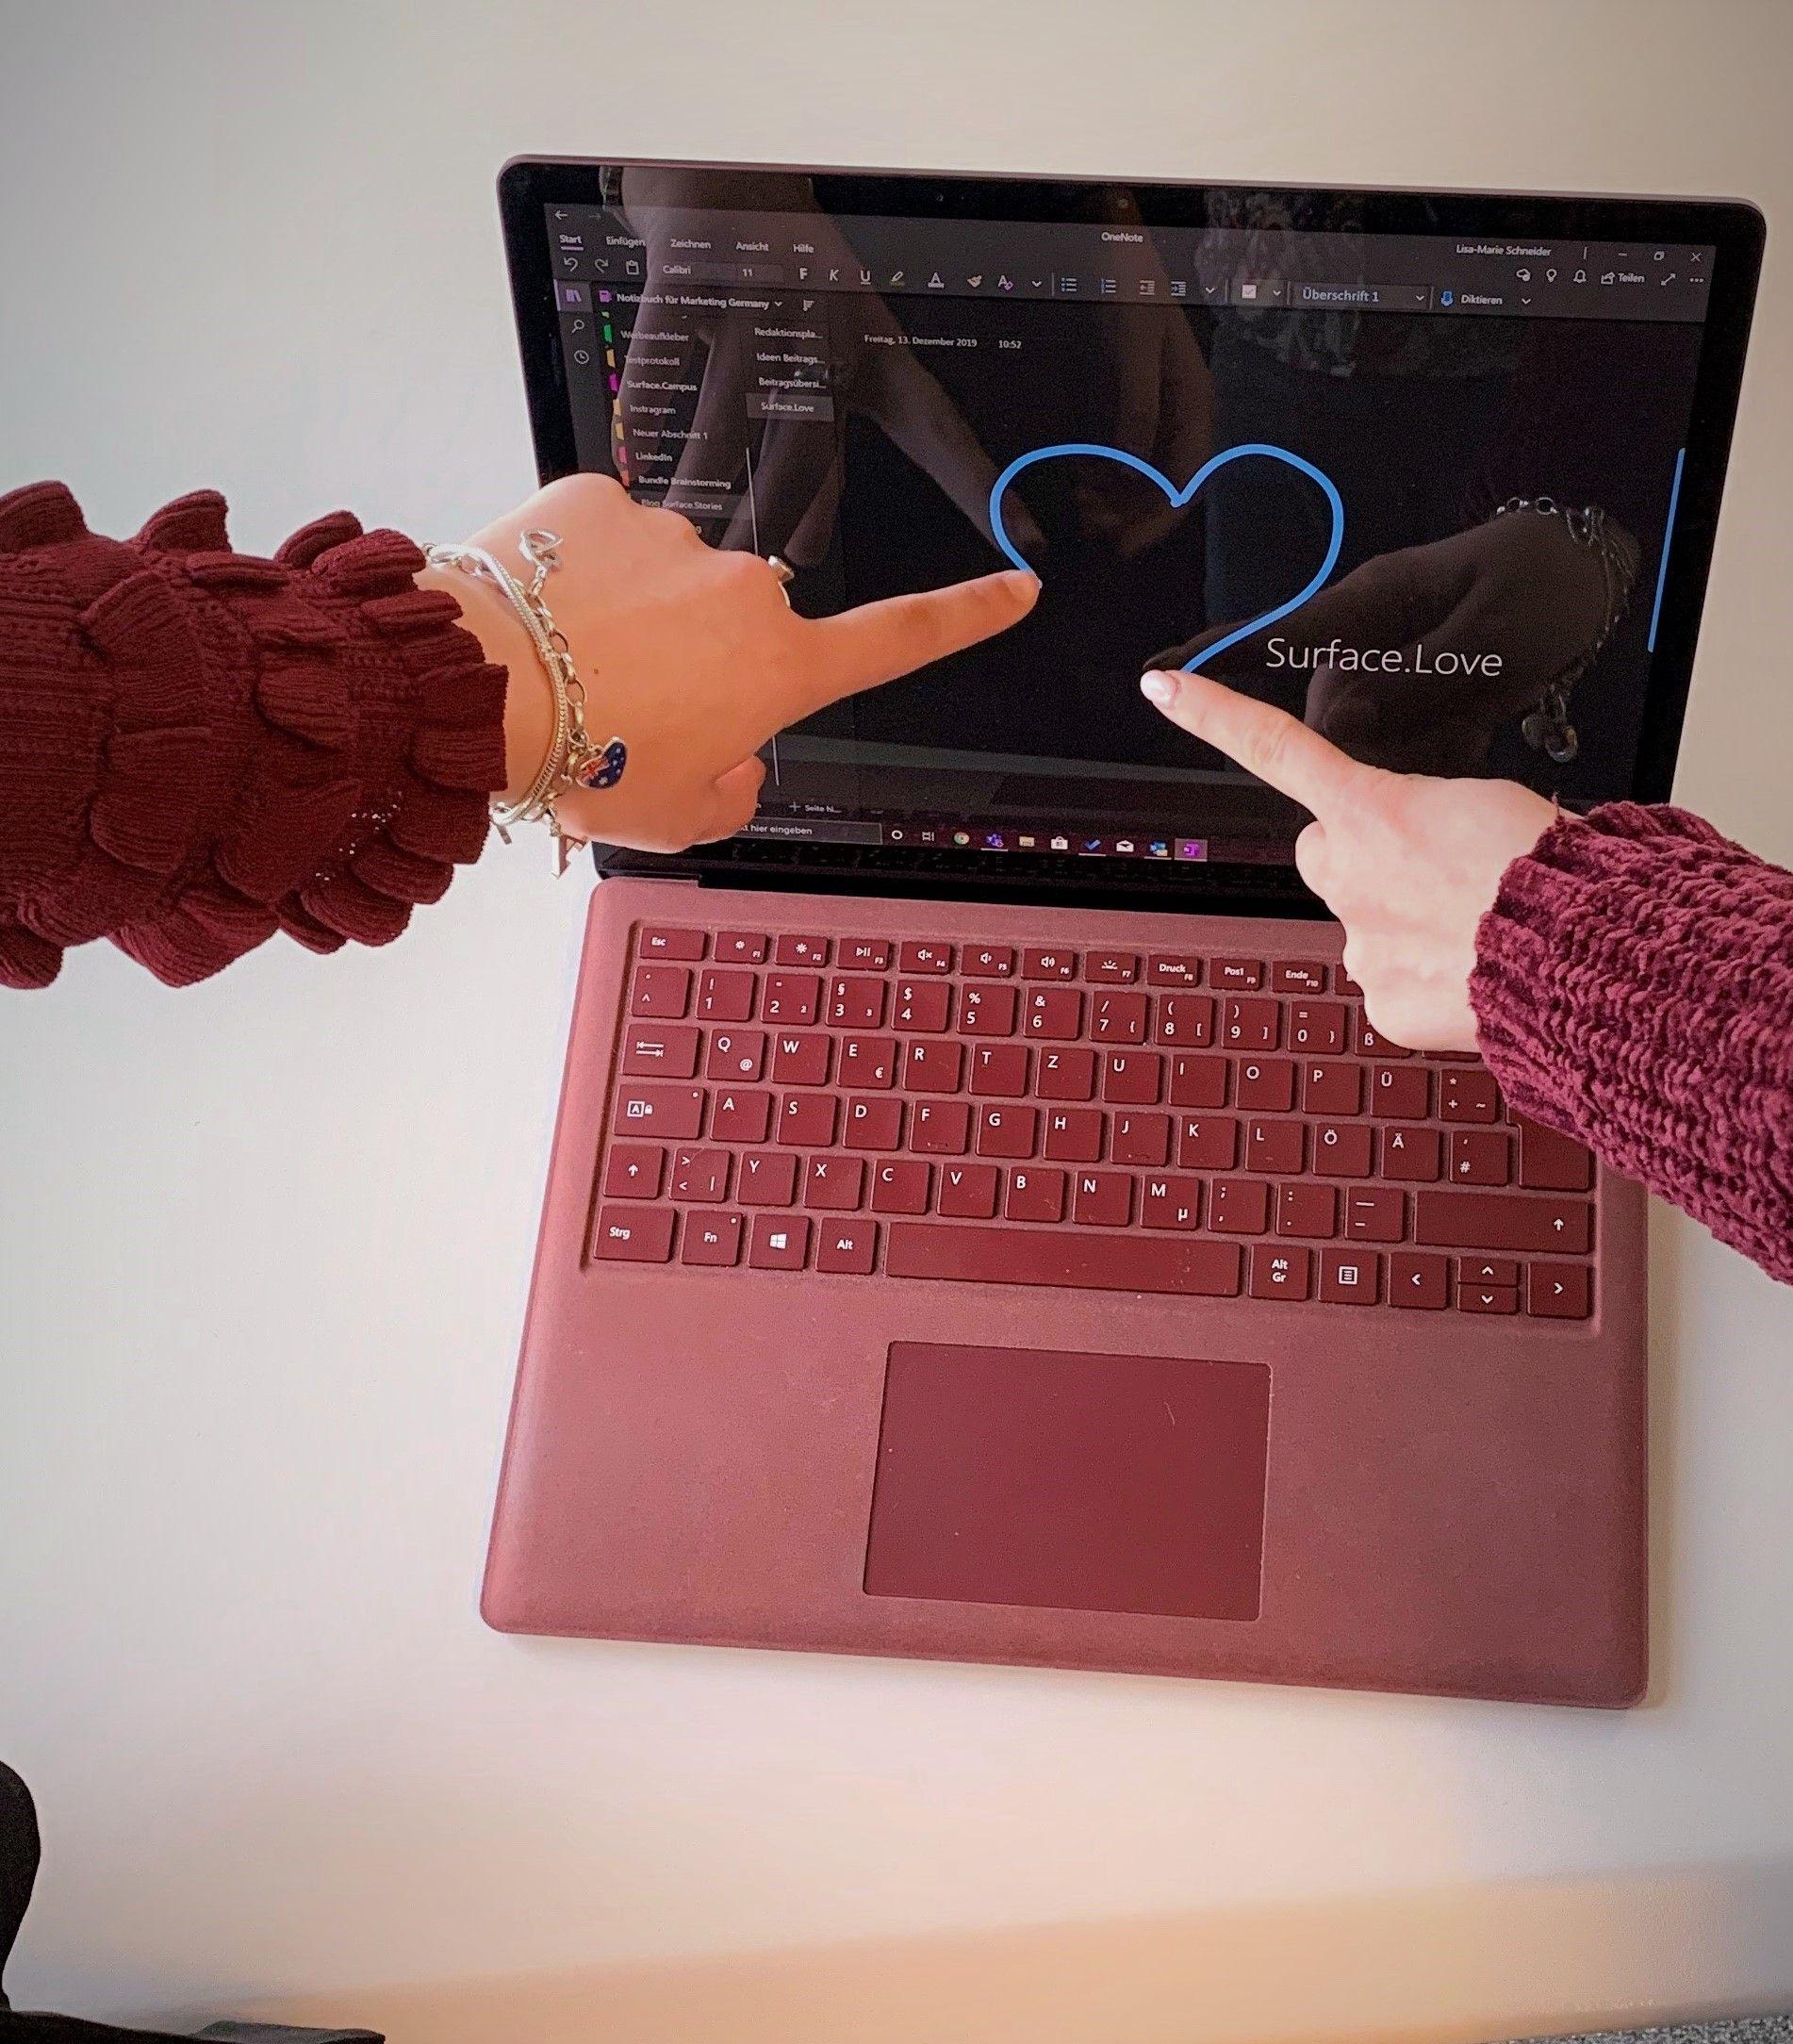 Zwei Personen malen mit ihrem Zeigefinger das blaue Herz-Logo von Surface.Love in OneNote auf dem Surface Laptop in Bordeauxrot